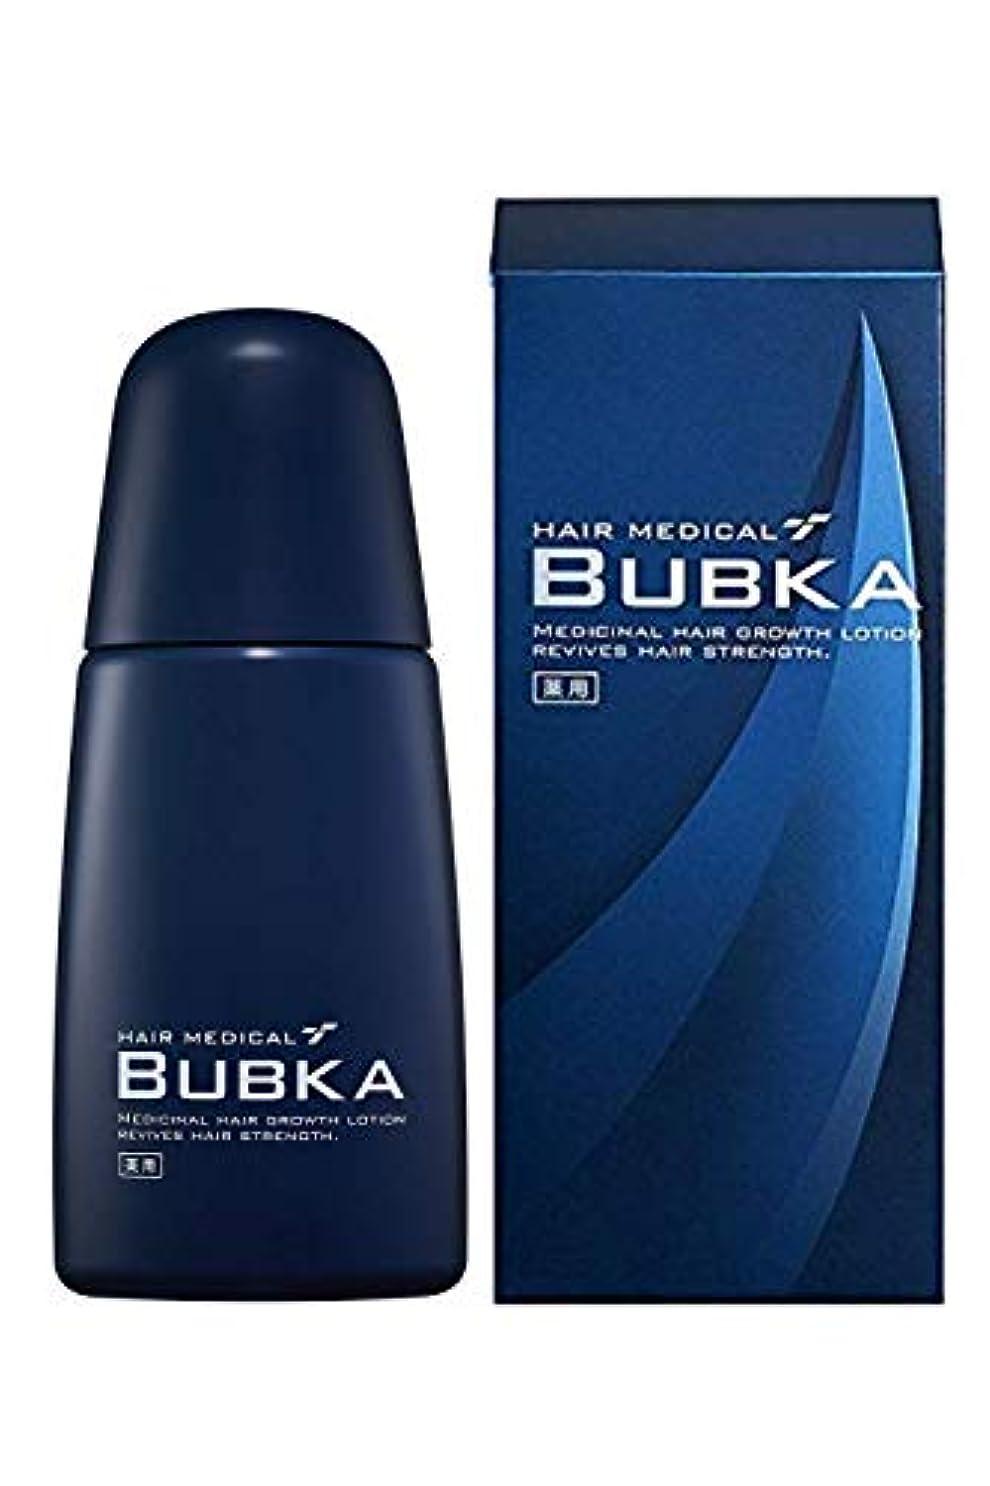 成果反対したスラッシュ【医薬部外品】BUBKA(ブブカ) 濃密育毛剤 BUBKA 003M 外販用青ボトル (単品)